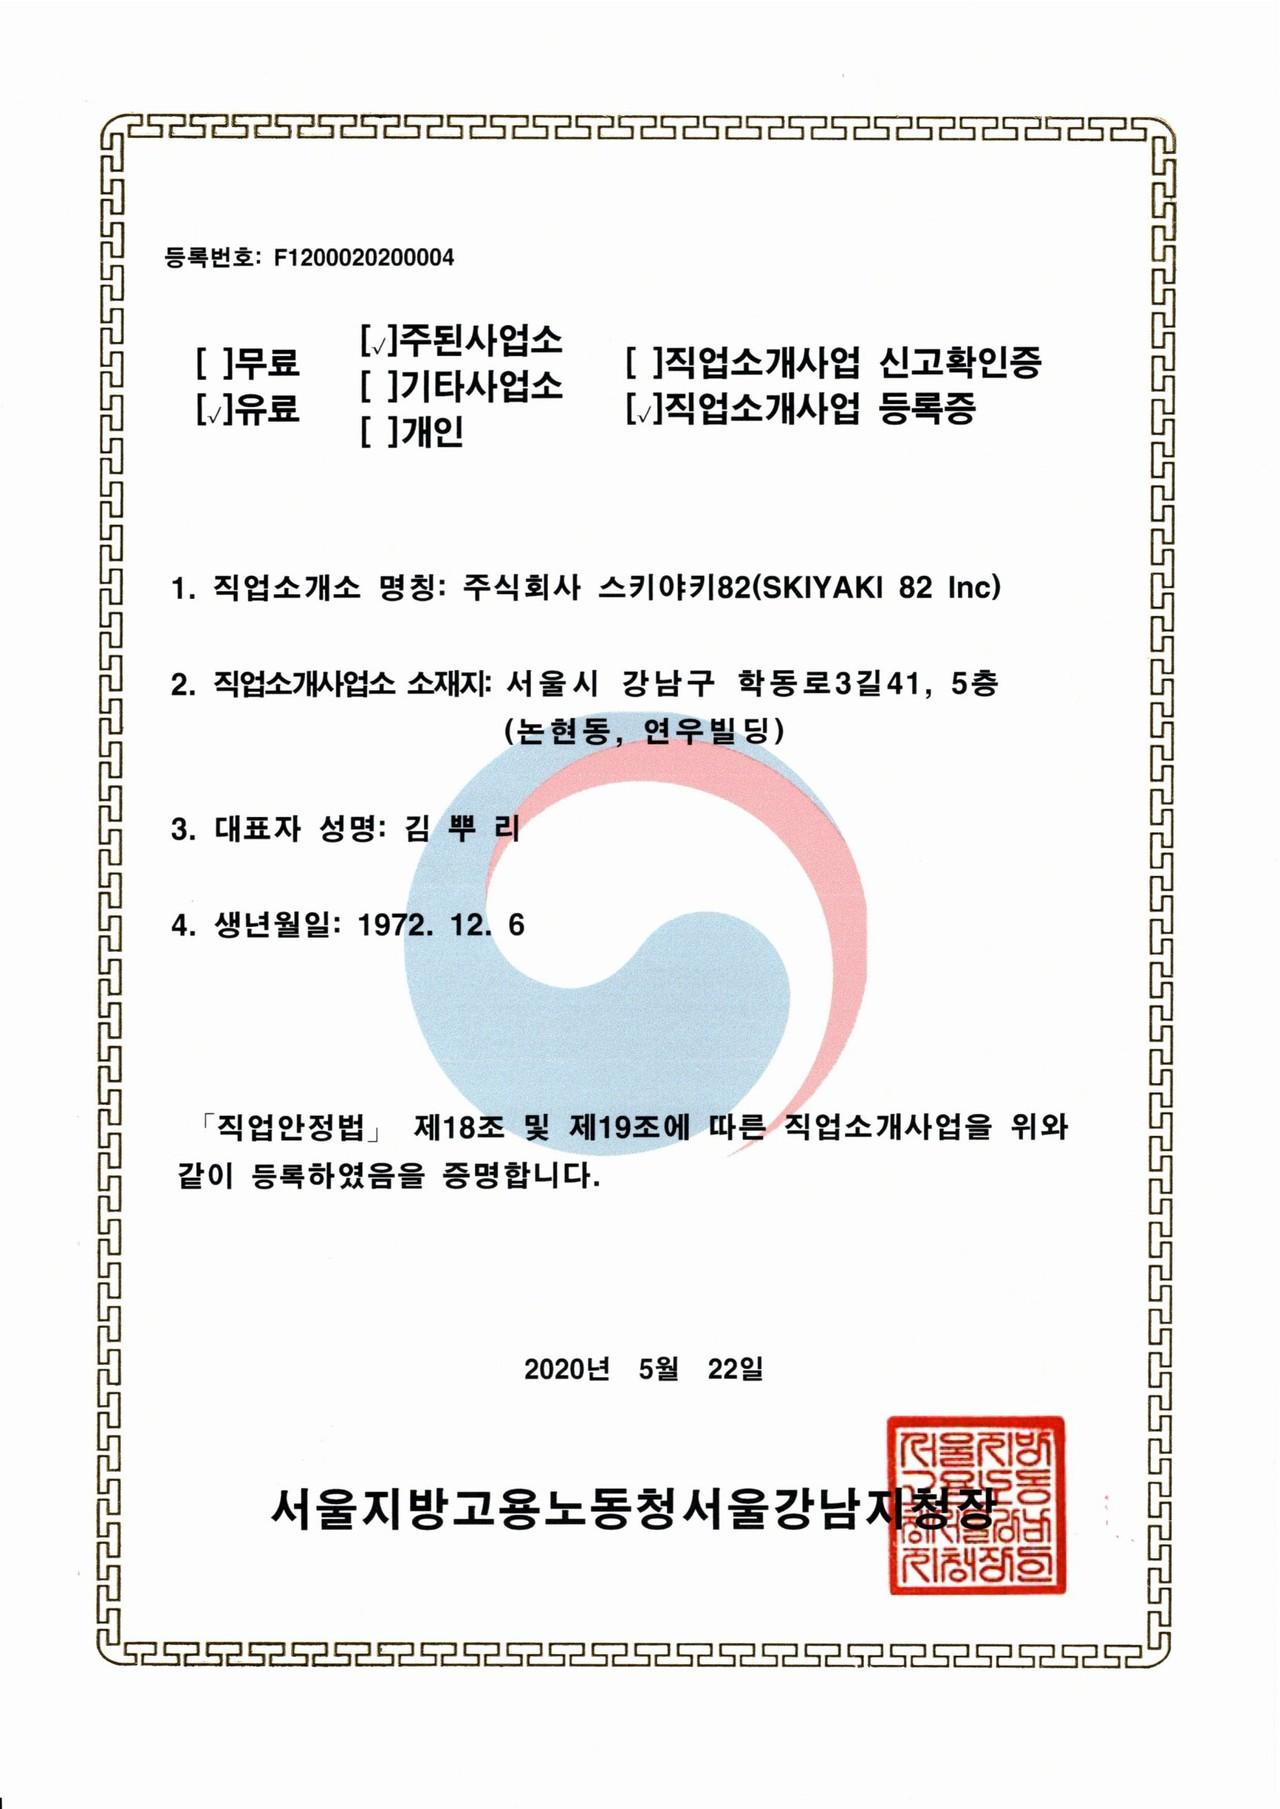 국외유료직업소개사업 등록번호 : F1200020200004